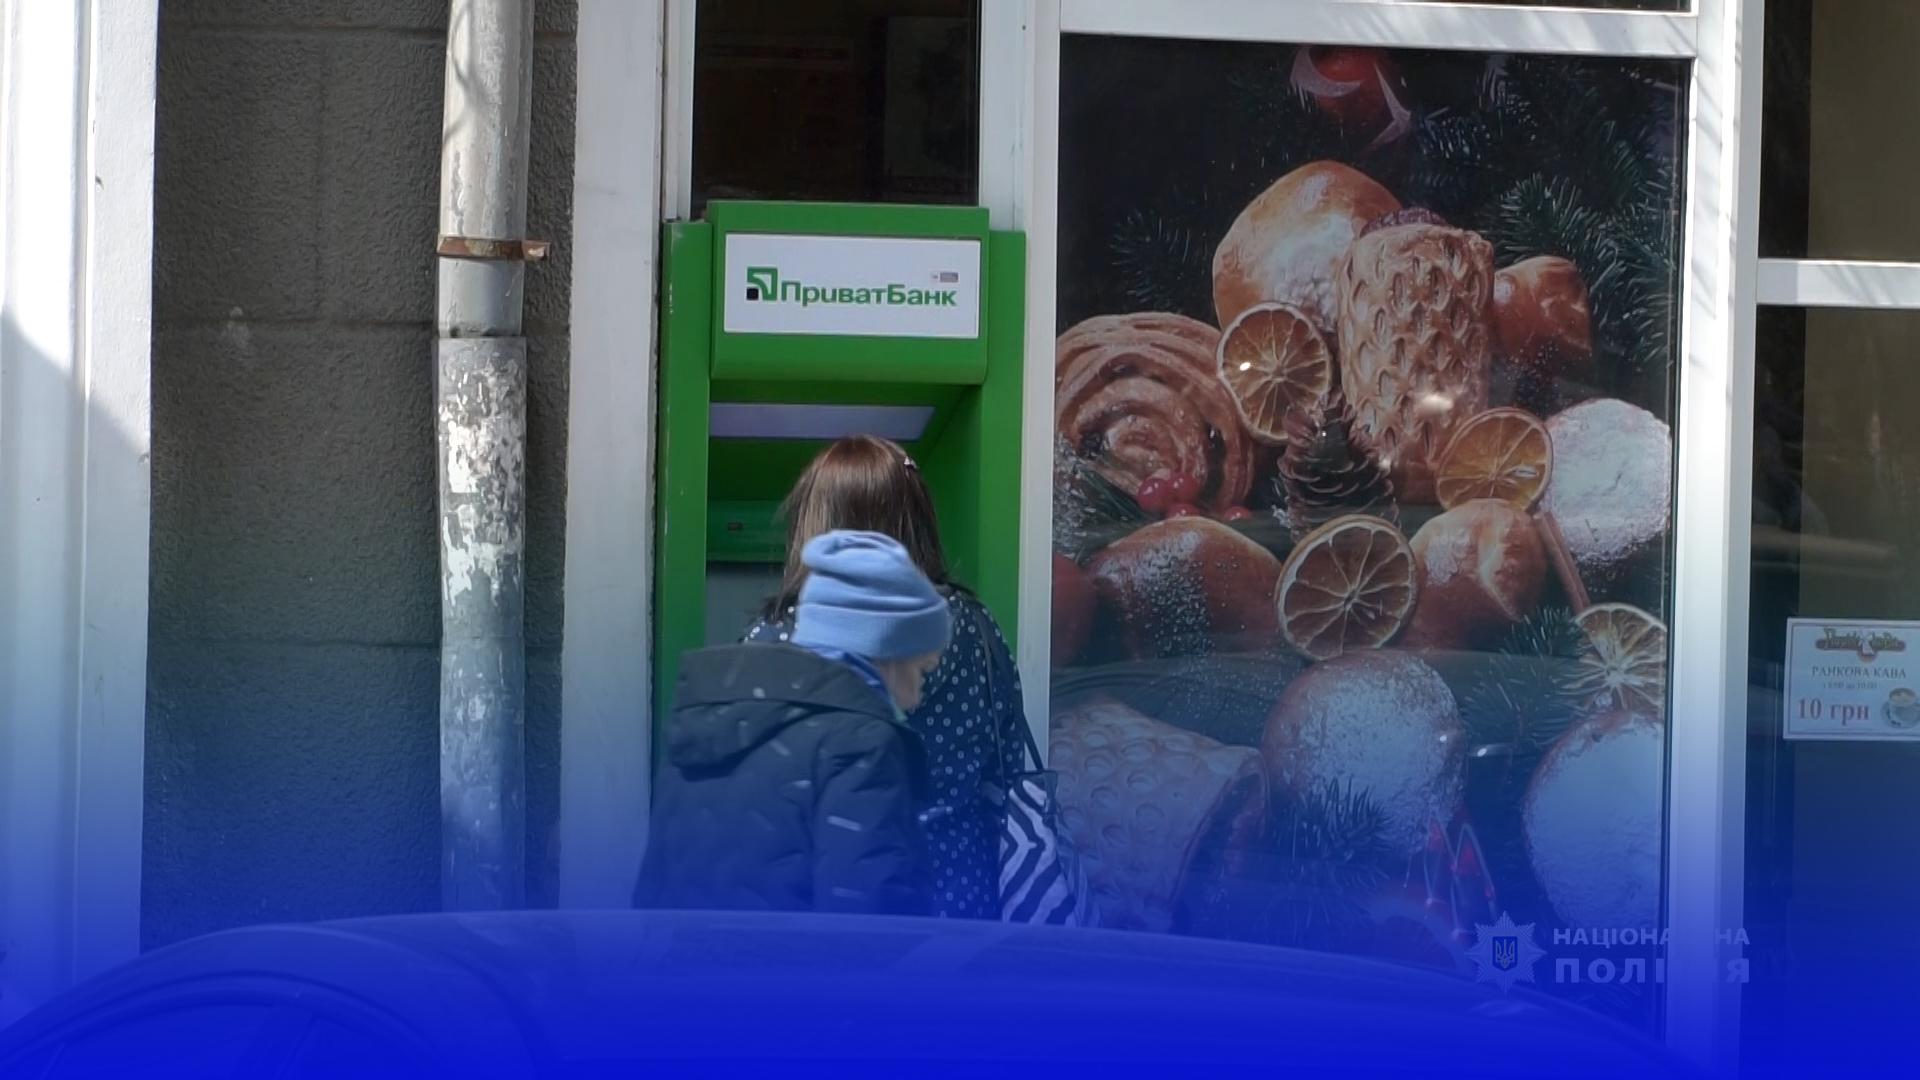 Тернополянка, після одужання від COVID-19, вирішила допомогти міським лікарням